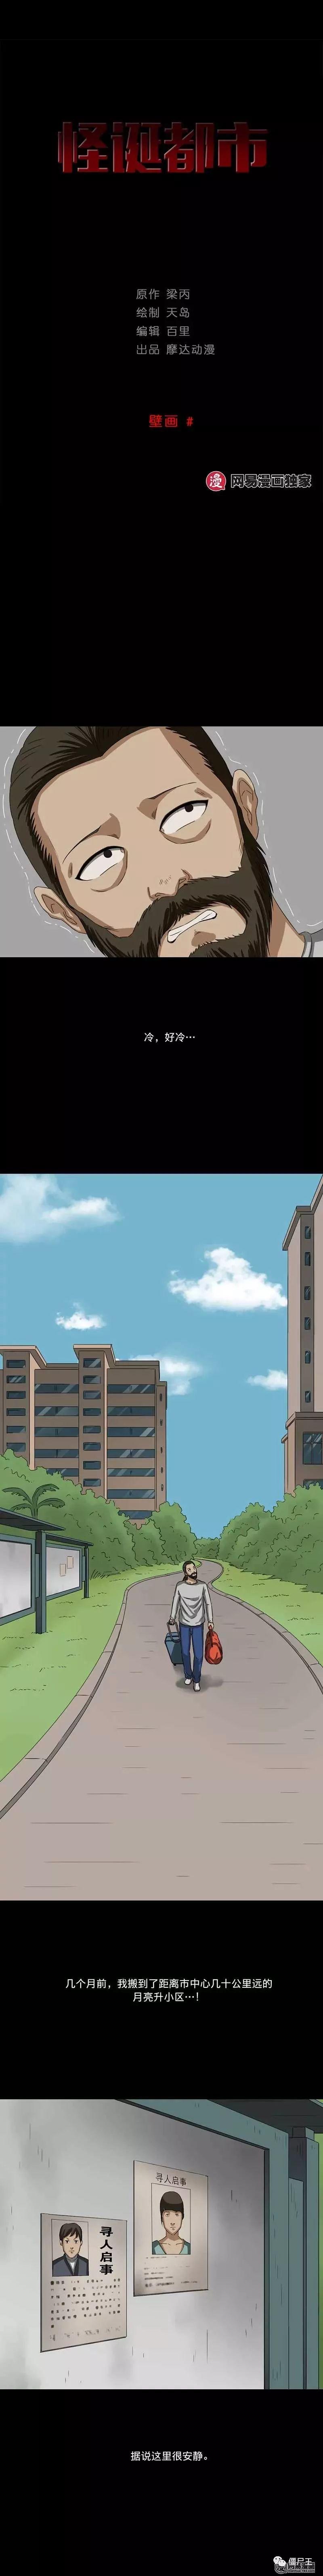 恐怖漫画:怪诞都市之神秘的壁画-僵尸王